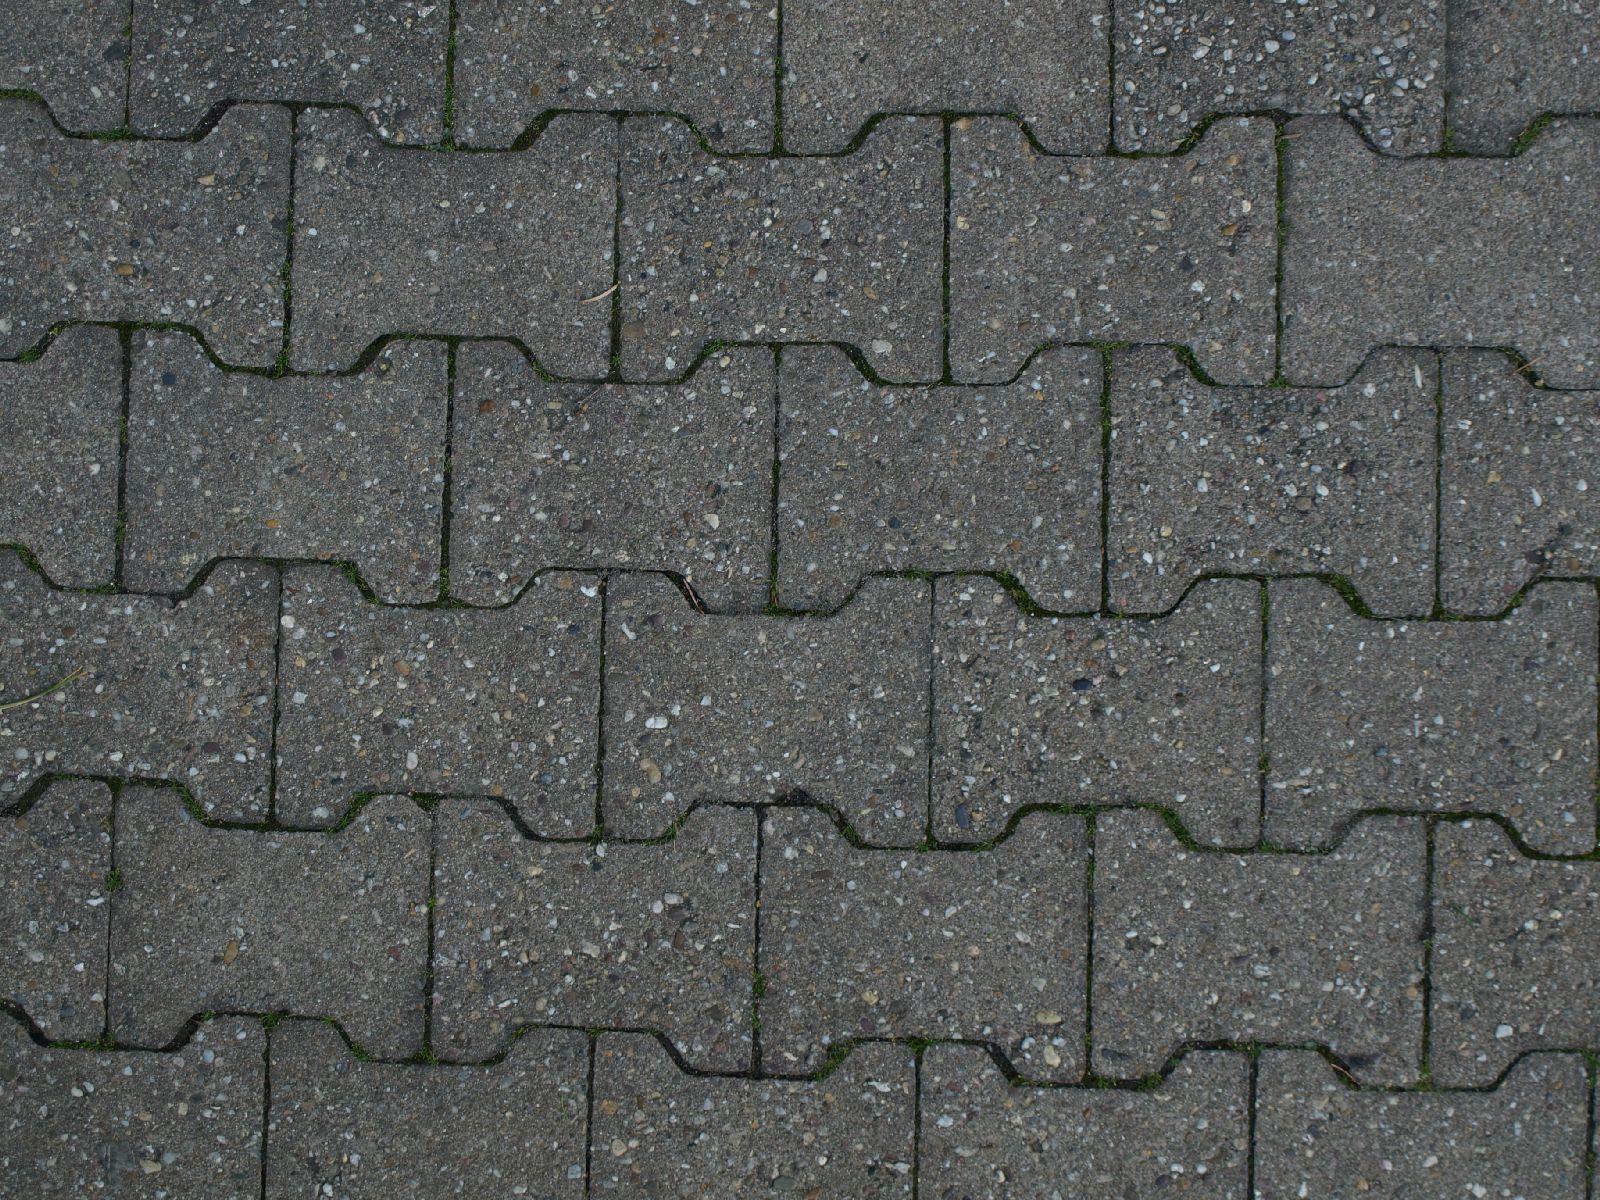 Ground-Urban_Texture_A_P6233719